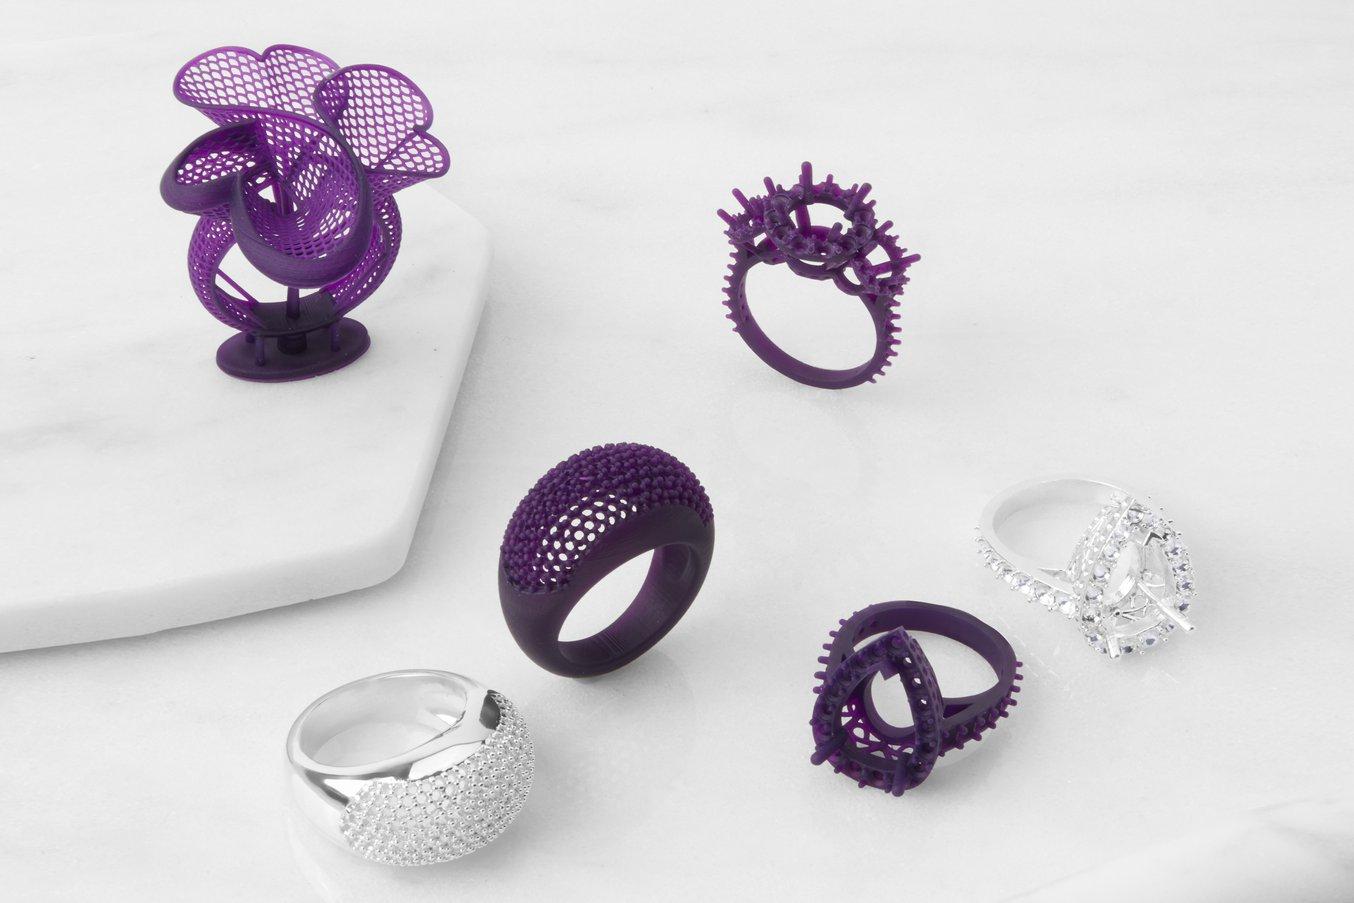 Gioielli realizzati usando un modello stampato in 3D tramite tecnologia di stampa 3D stereolitografica (SLA).